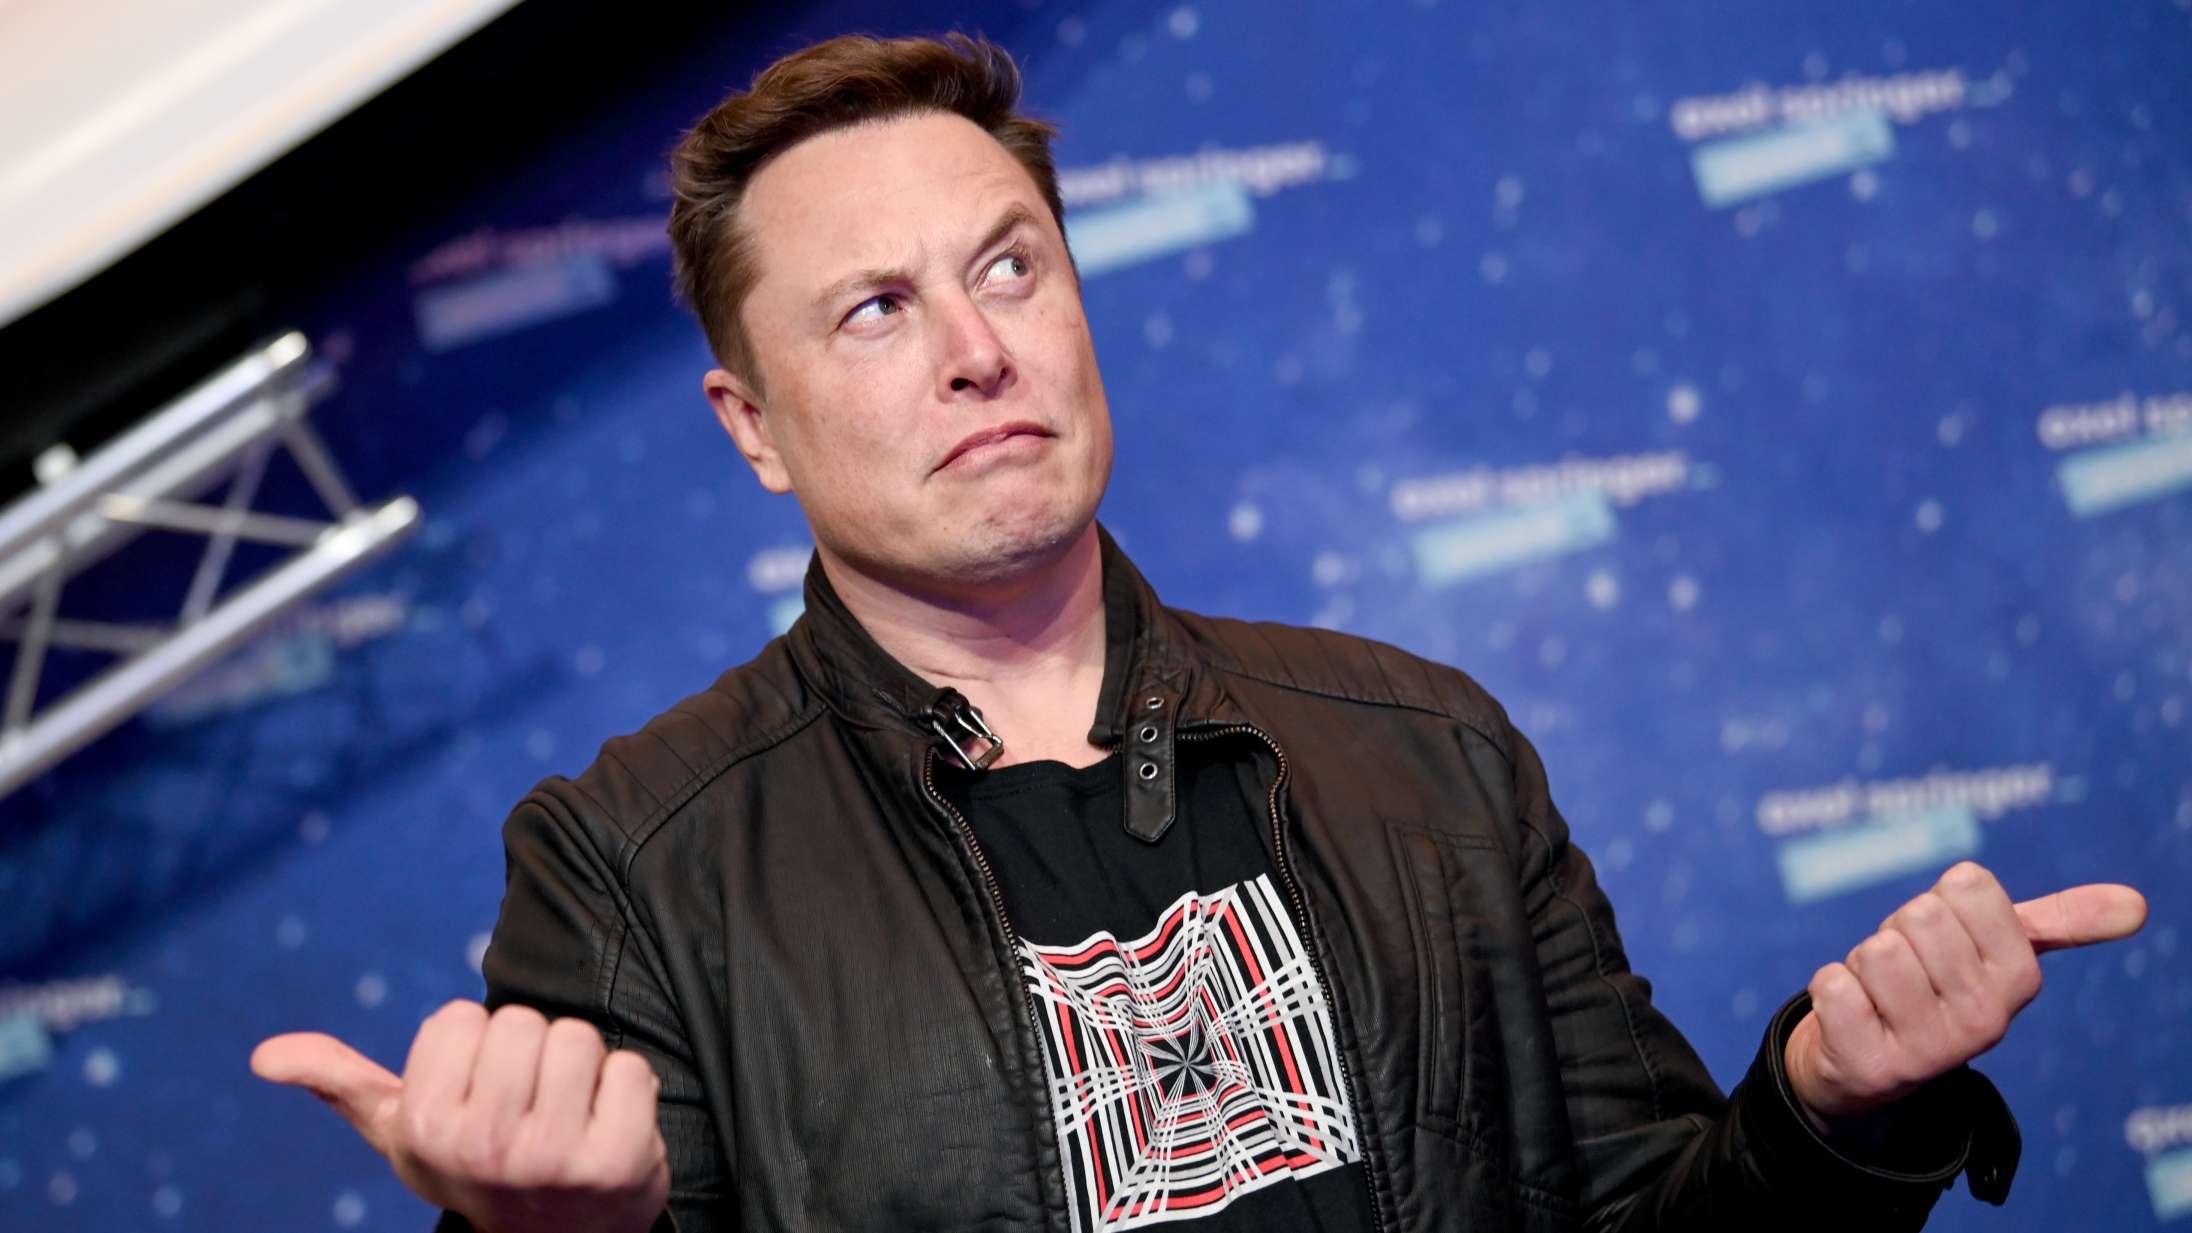 Elon Musk beder om hjælp til 'Saturday Night Live' på Twitter – og bliver jordet af sarkastiske jokes